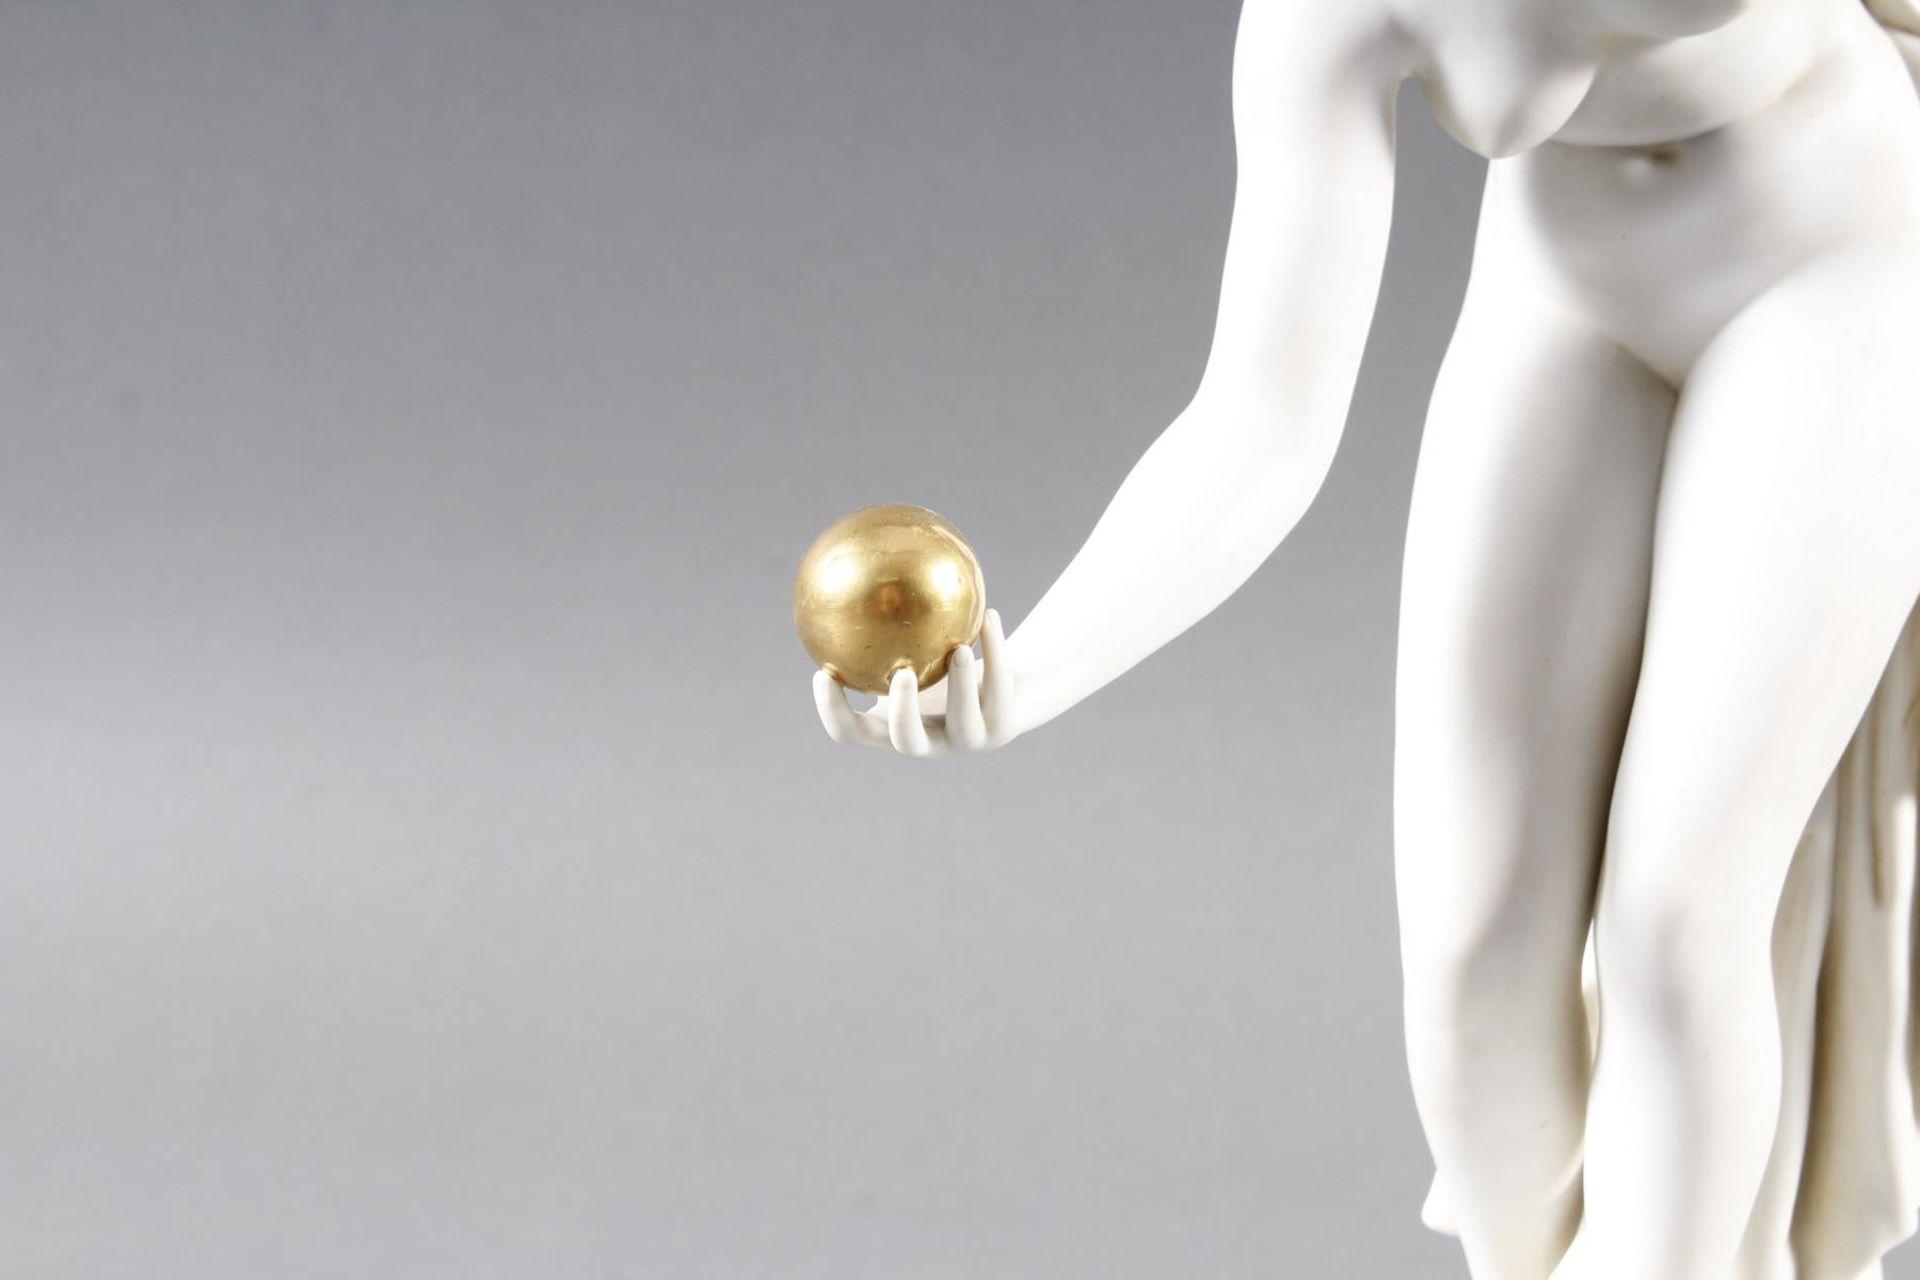 Porzellanskulptur, Kugelspielerin, Scheibe-Alsbach - Bild 2 aus 15